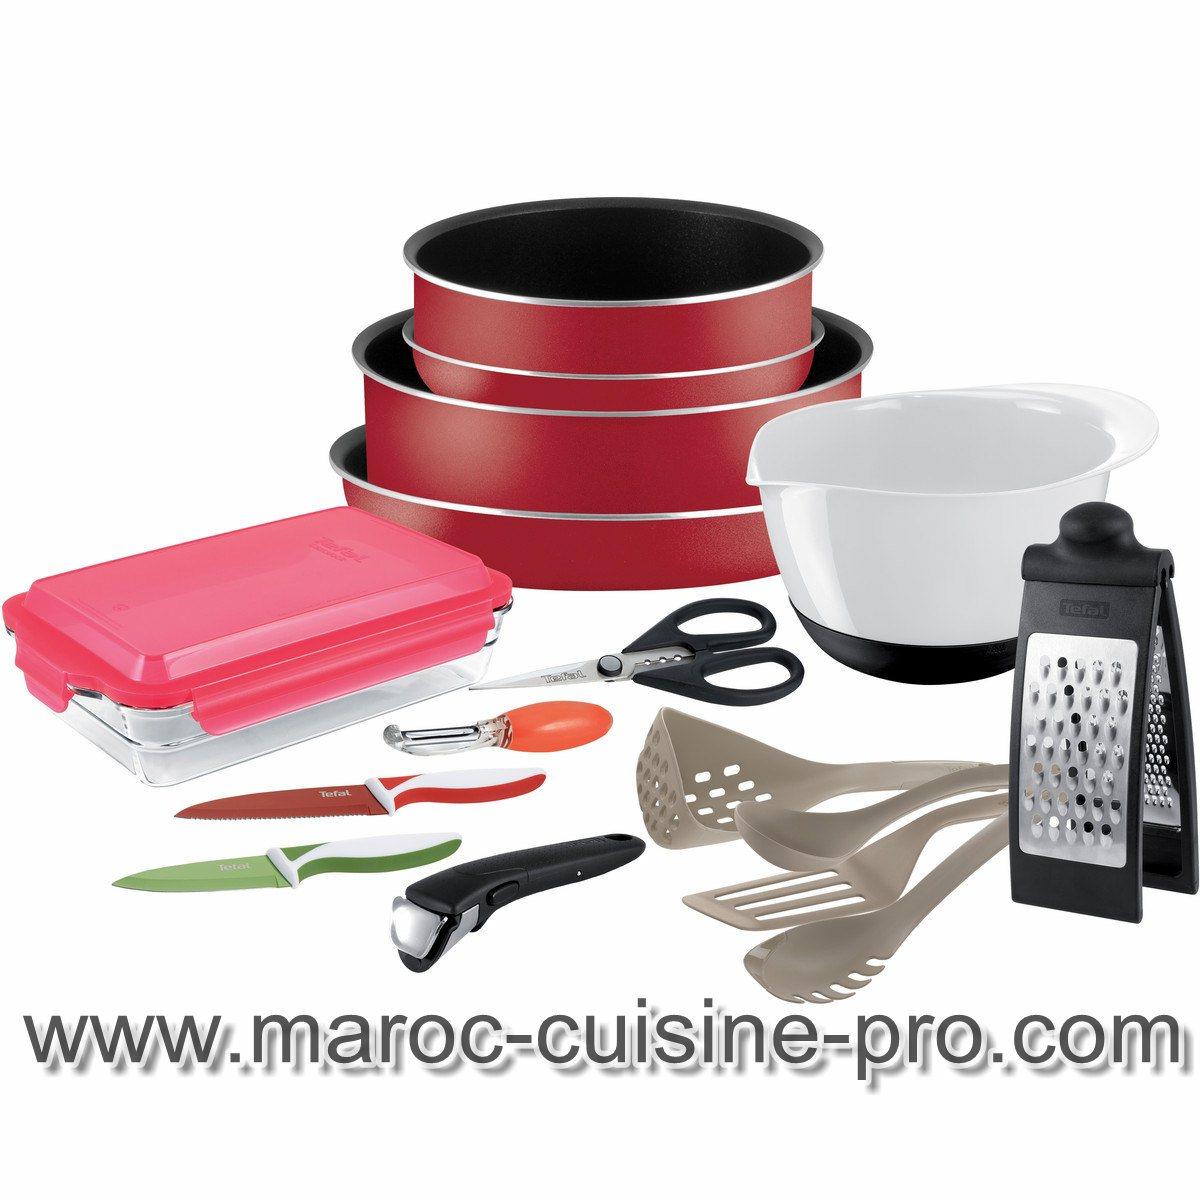 quipement accessoires vaisselle de cuisine pro au maroc. Black Bedroom Furniture Sets. Home Design Ideas